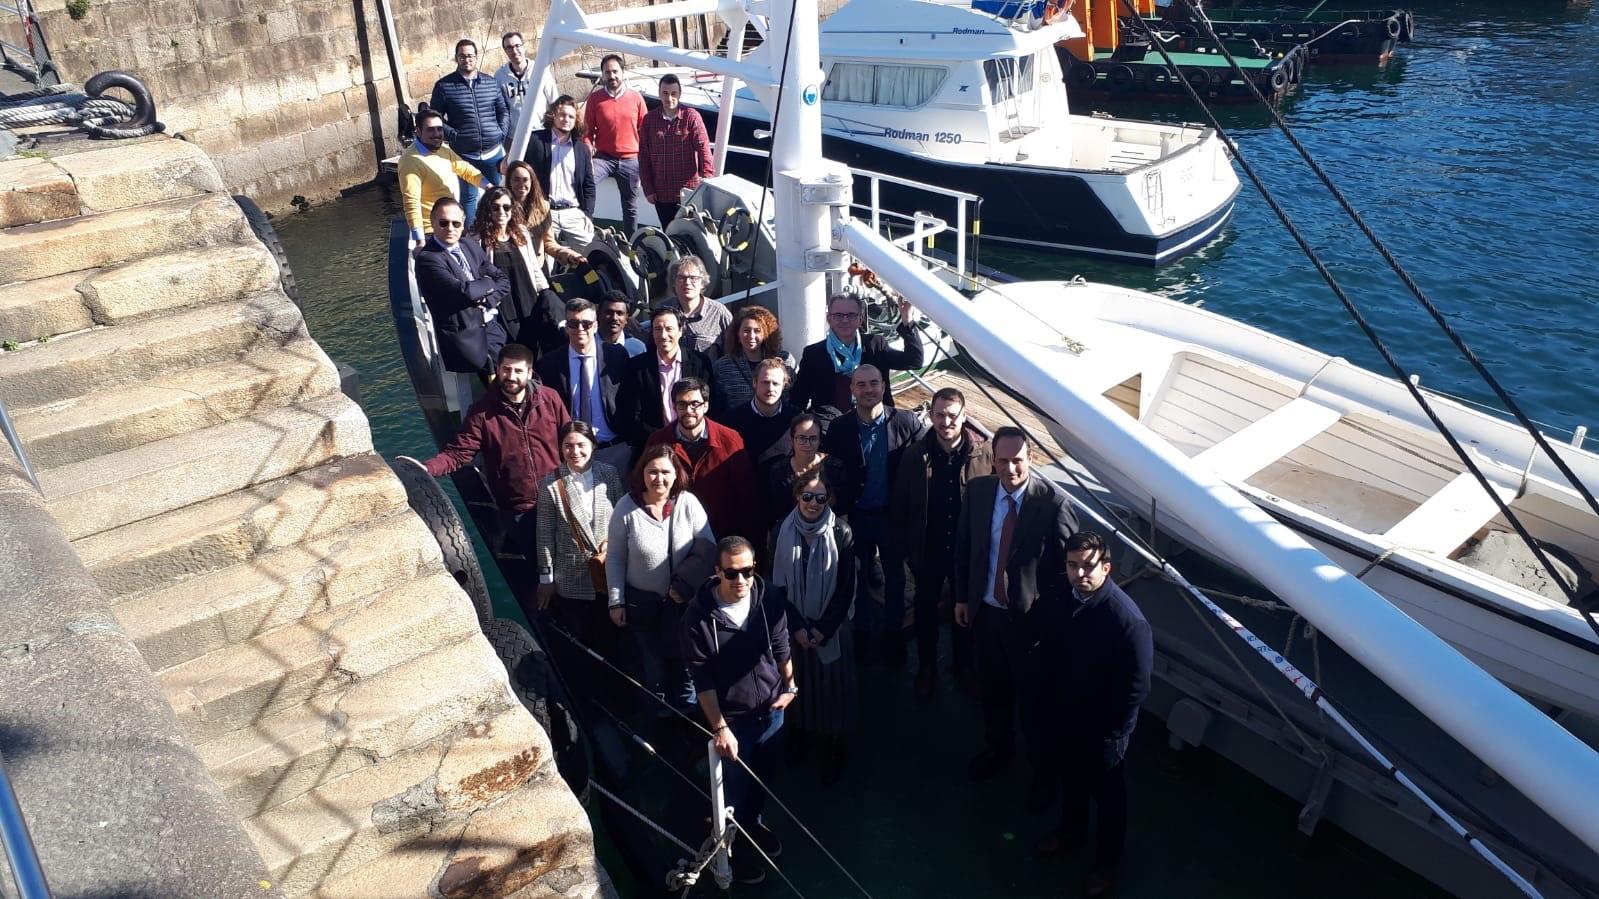 Equipo Portos en el barco